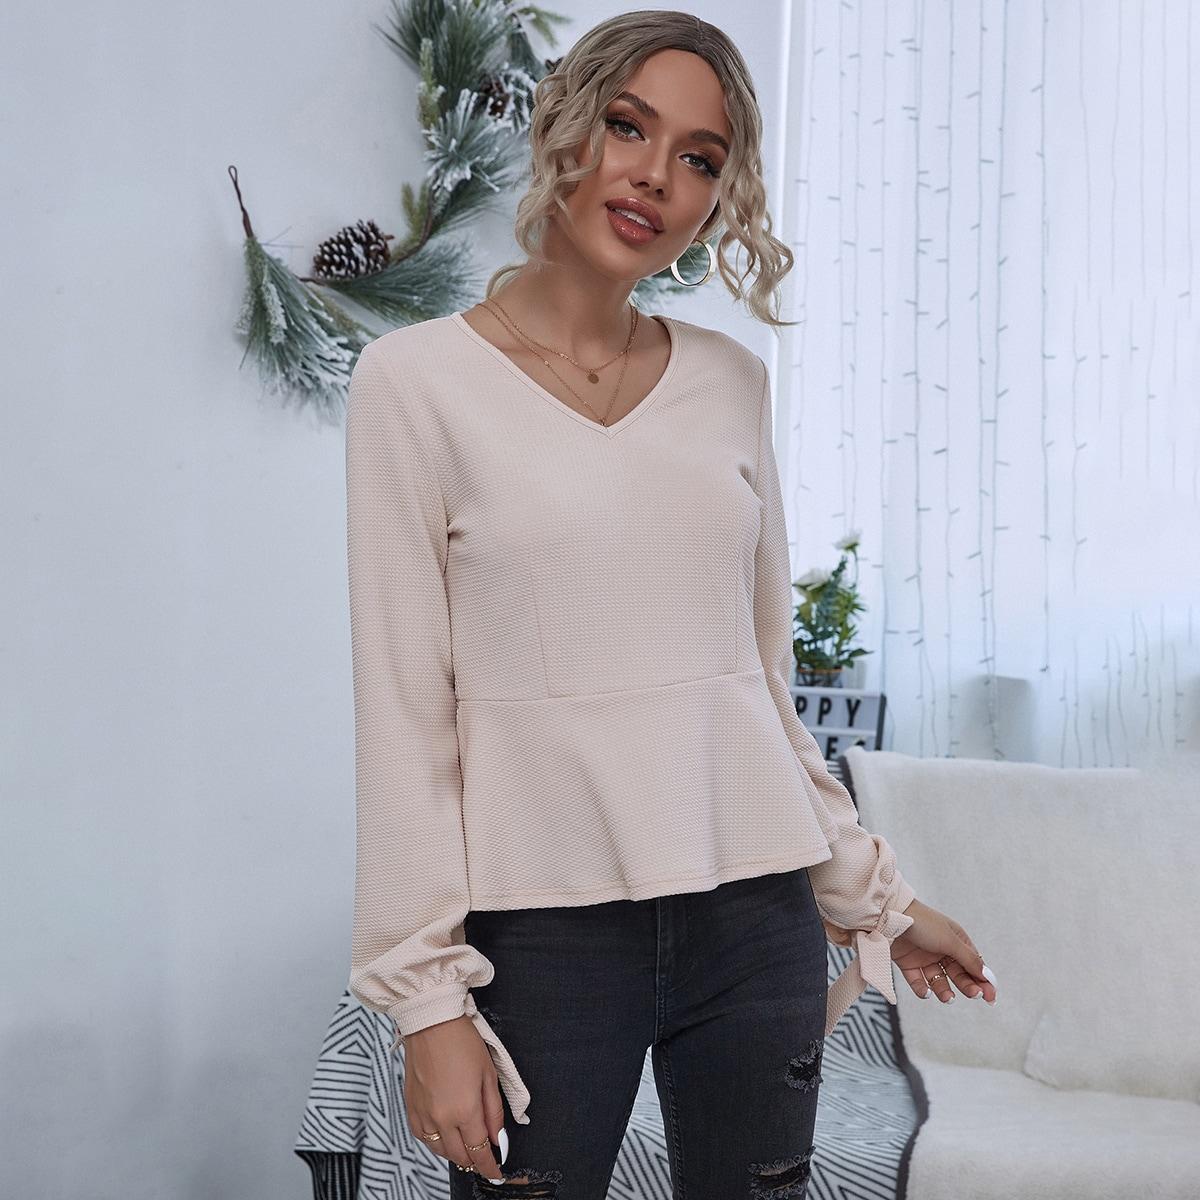 SHEIN / Waffelstrick T-Shirt mit Knoten, Manschetten und Schößchen